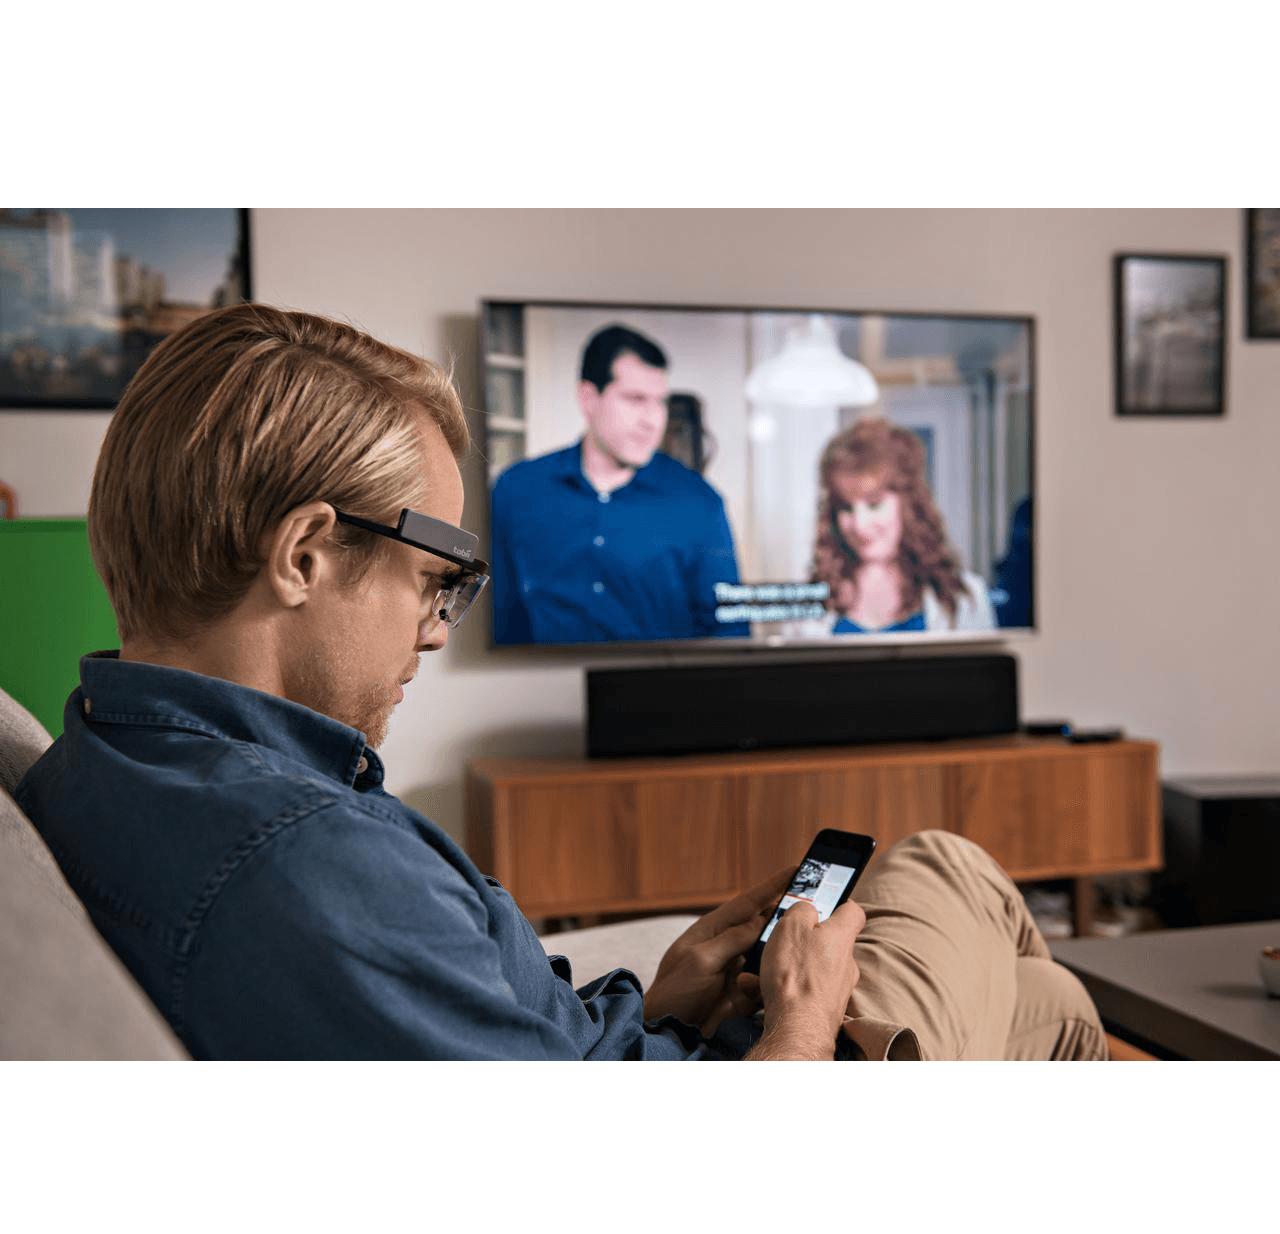 TV Insight